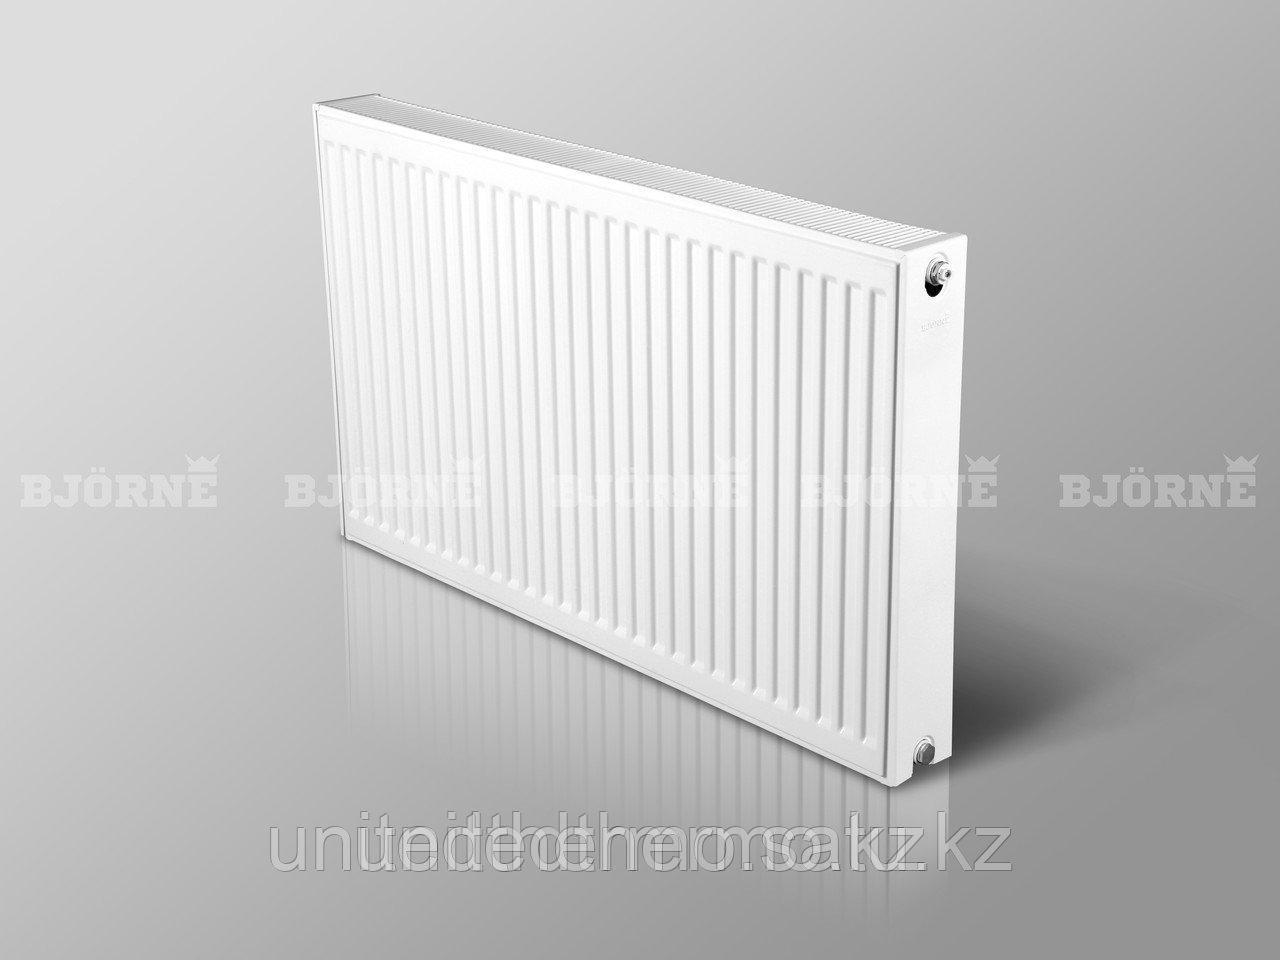 Стальной панельный радиатор Bjorne тип 11K H900мм*L400мм до L3000мм боковое подключение